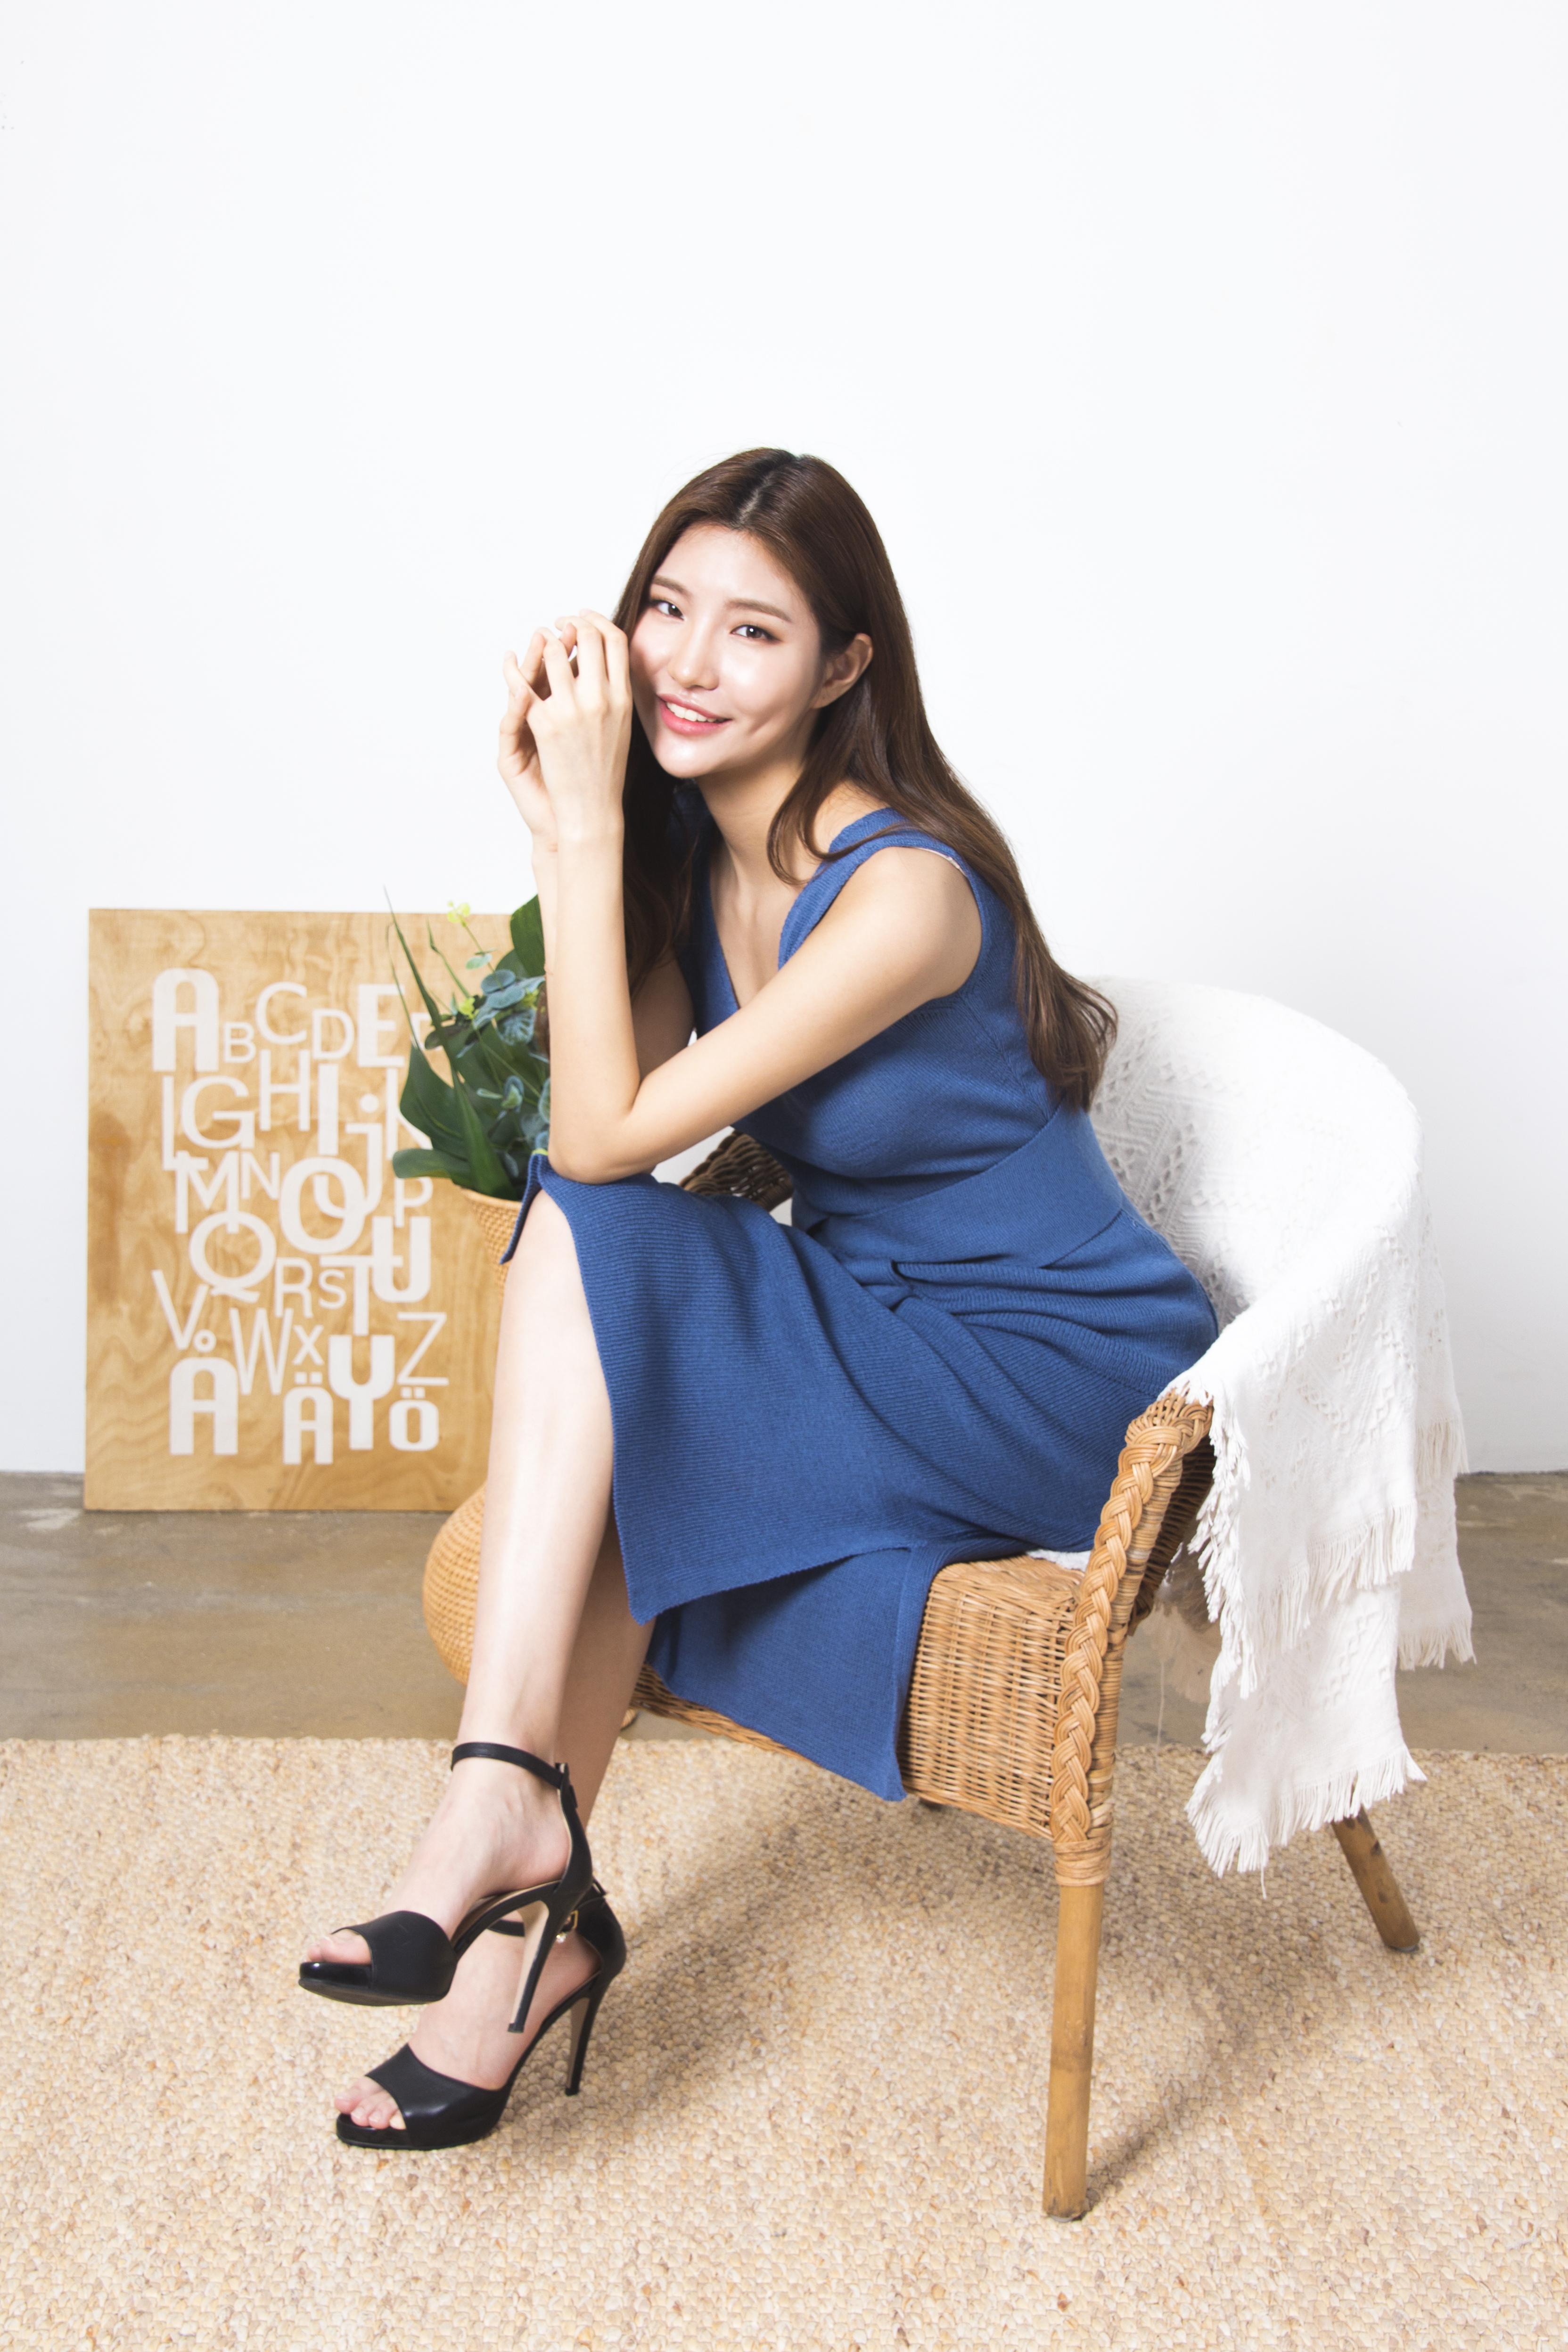 신인 모델 서지연, 청량감 넘치는 화보로 '남심 저격'